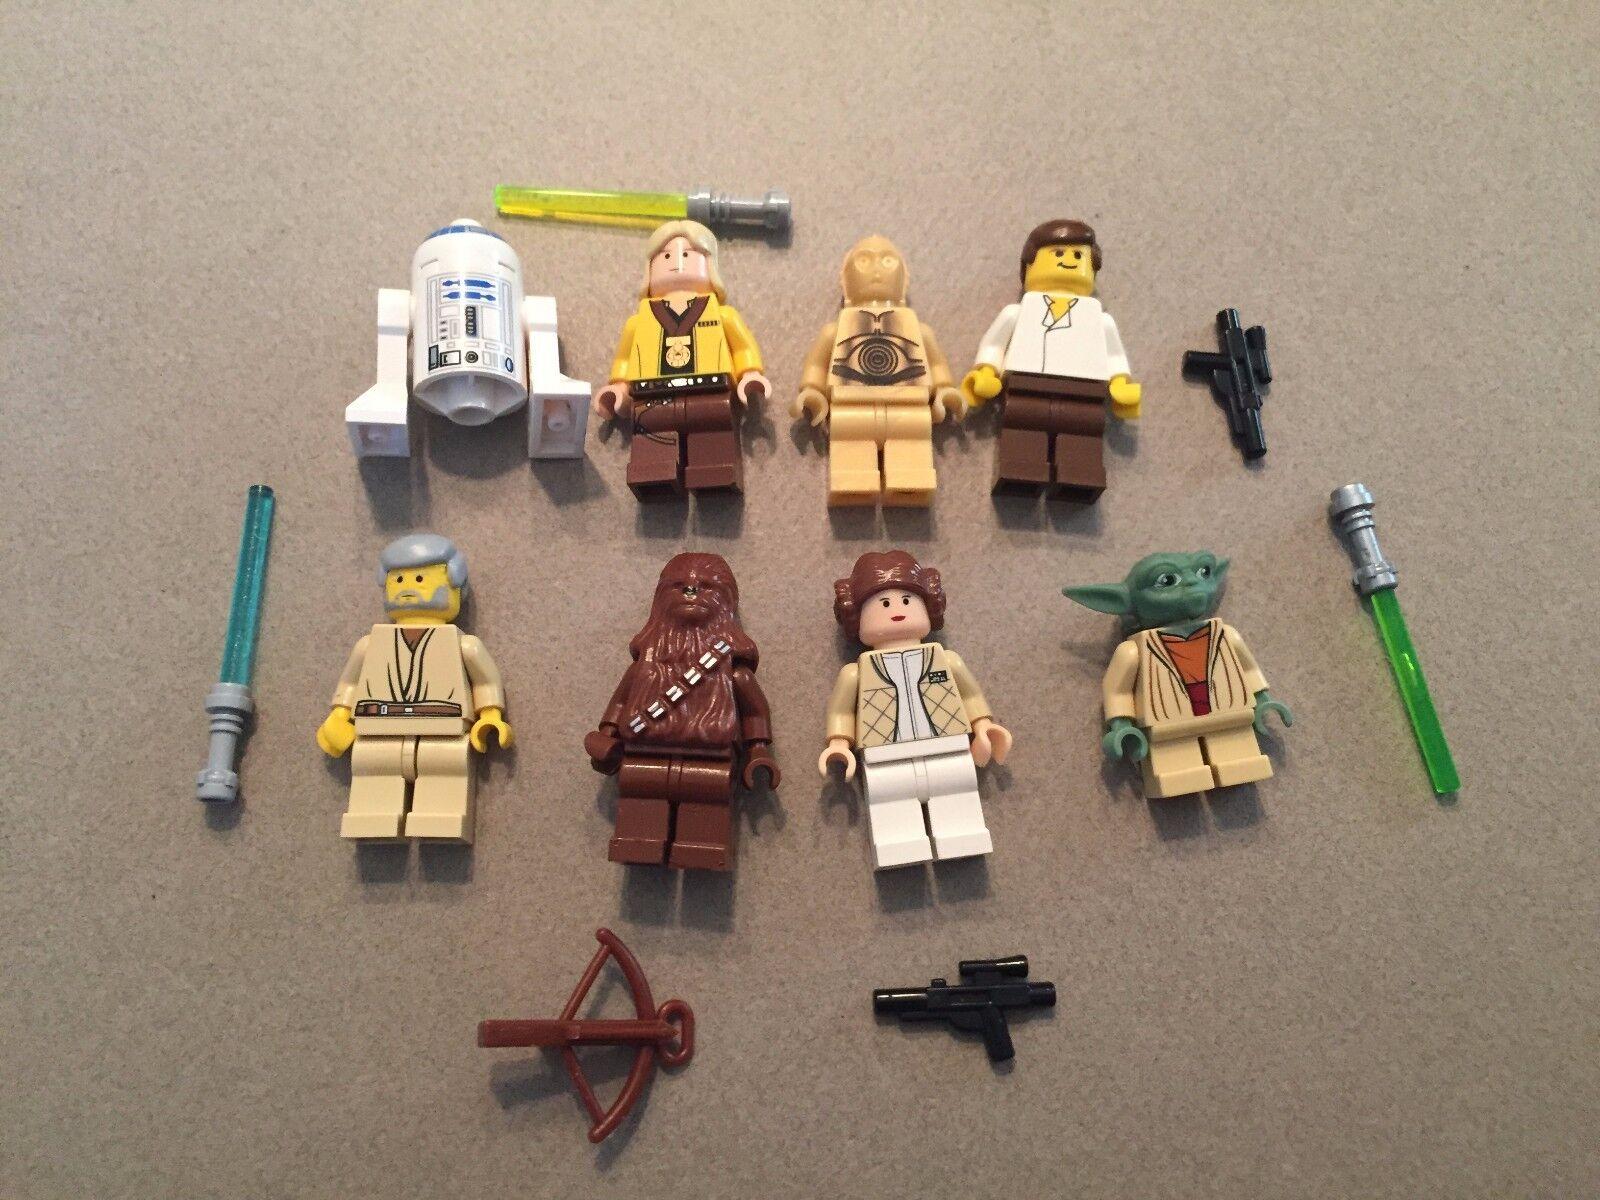 LEGO LEGO LEGO lot of 8 Star Wars Good Guy Minifigs Yoda Luke Leia Han R2-D2 Chewie H368 b8d294